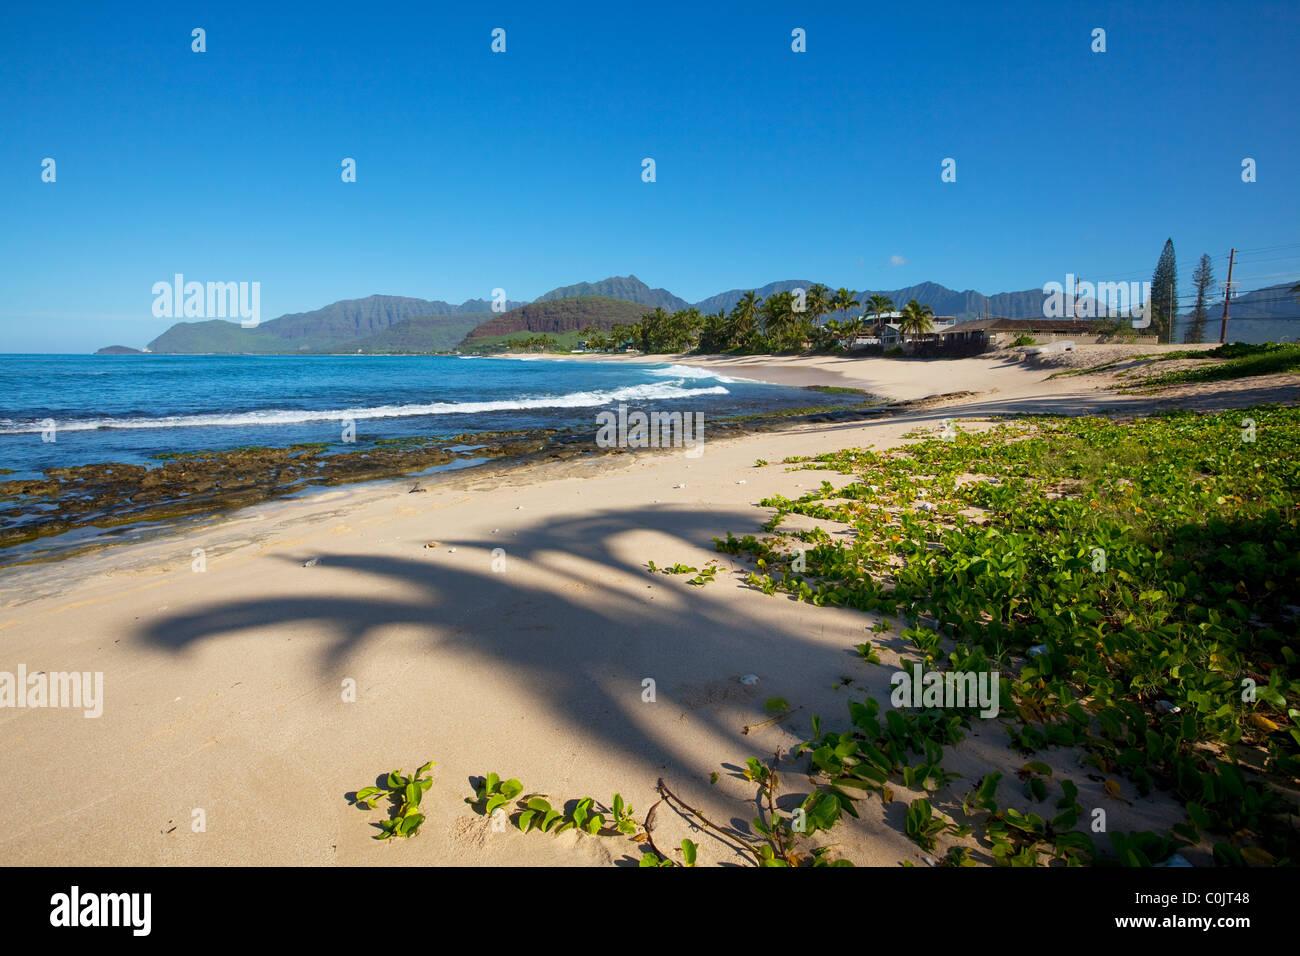 Ulehawa; côte sous le vent; Oahu, Hawaii; plage; plages Banque D'Images